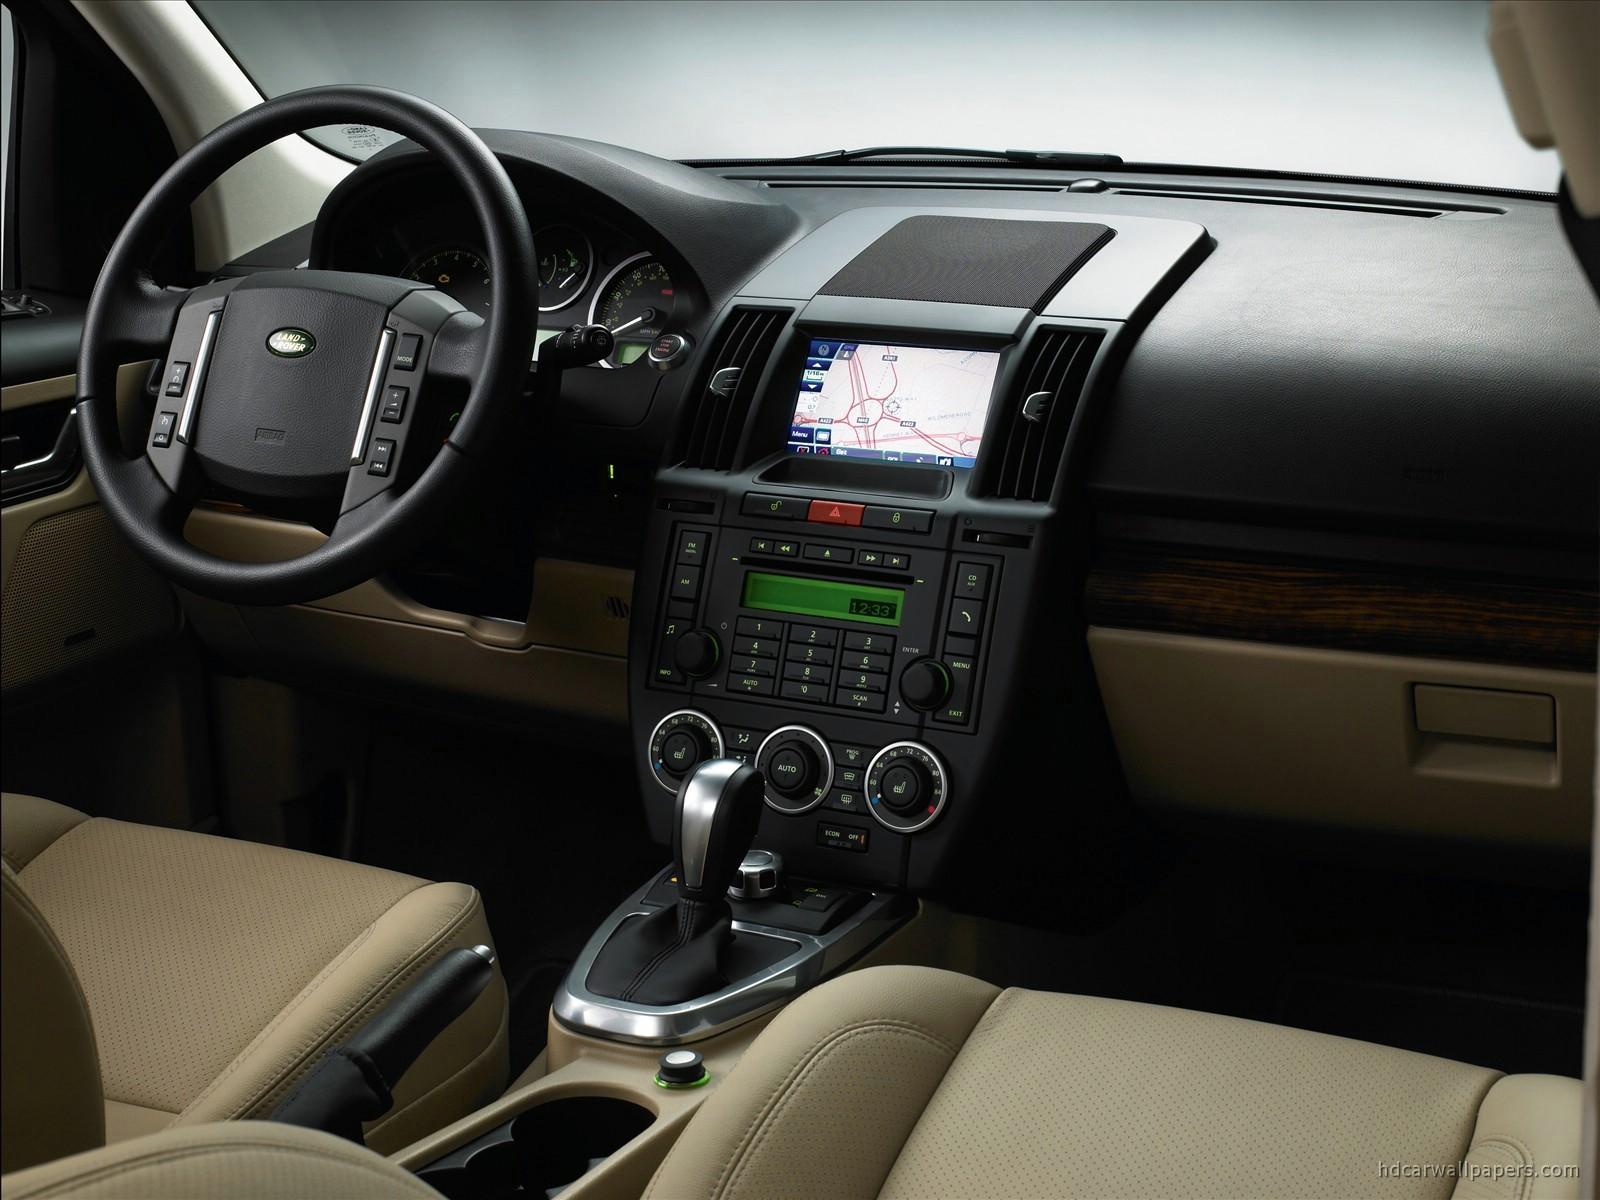 Land Rover Freelander 2 TD4 Interior Wallpaper